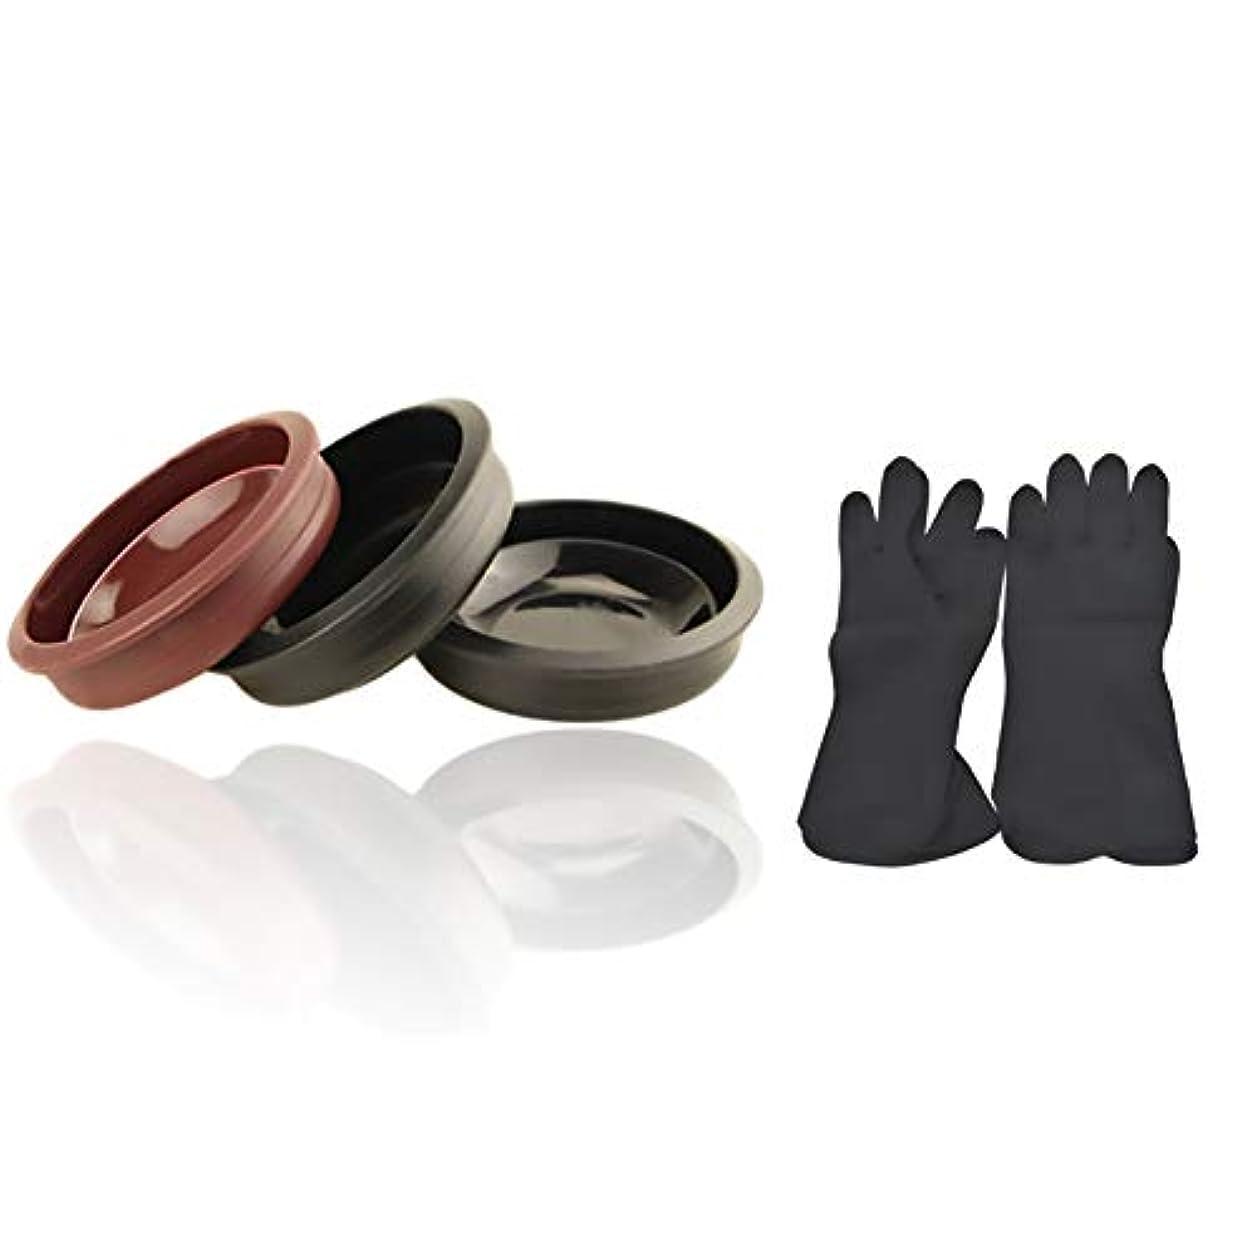 報告書エンティティ脅迫Tofover 3ピースヘアカラーミキシングボウルと20カウントヘアダイ手袋、黒の再利用可能なゴム手袋、ヘアサロンヘア染色のためのプロのヘアカラーツールキット